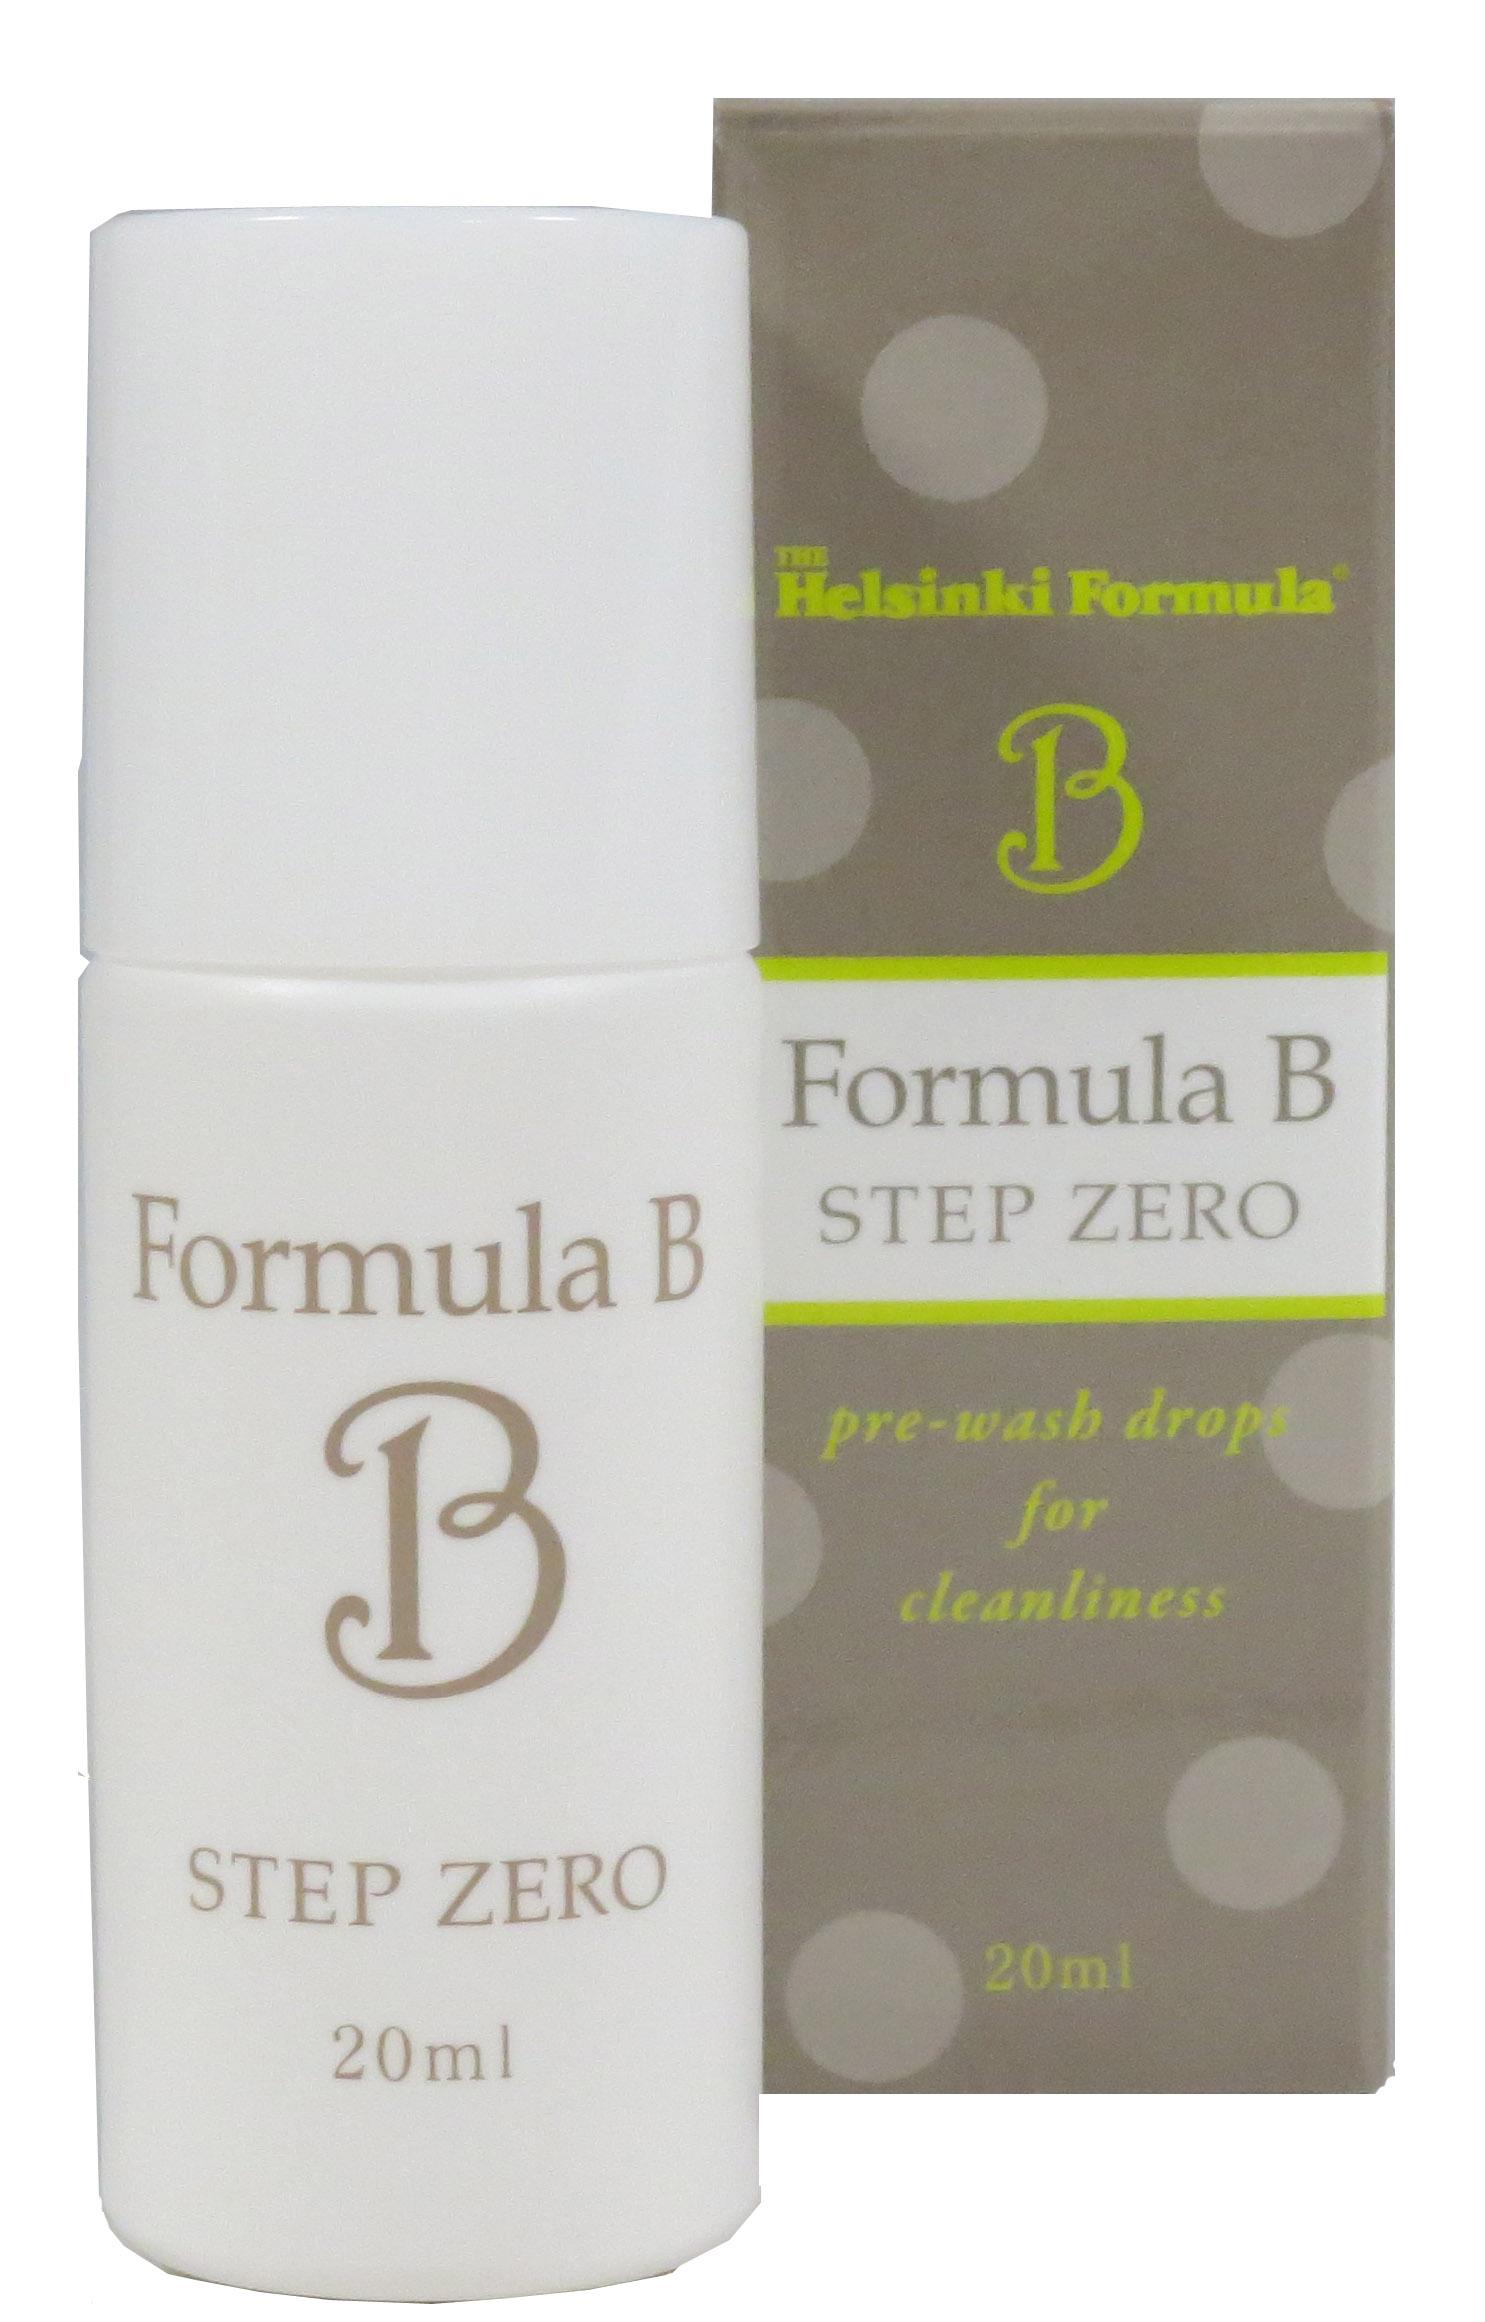 トラブル肌対策 洗顔前の新習慣スキンケア 洗顔では落ちない毛穴の詰まりを乳化剤で取り除く「フォーミュラB STEP ZERO」2014年11月1日新発売